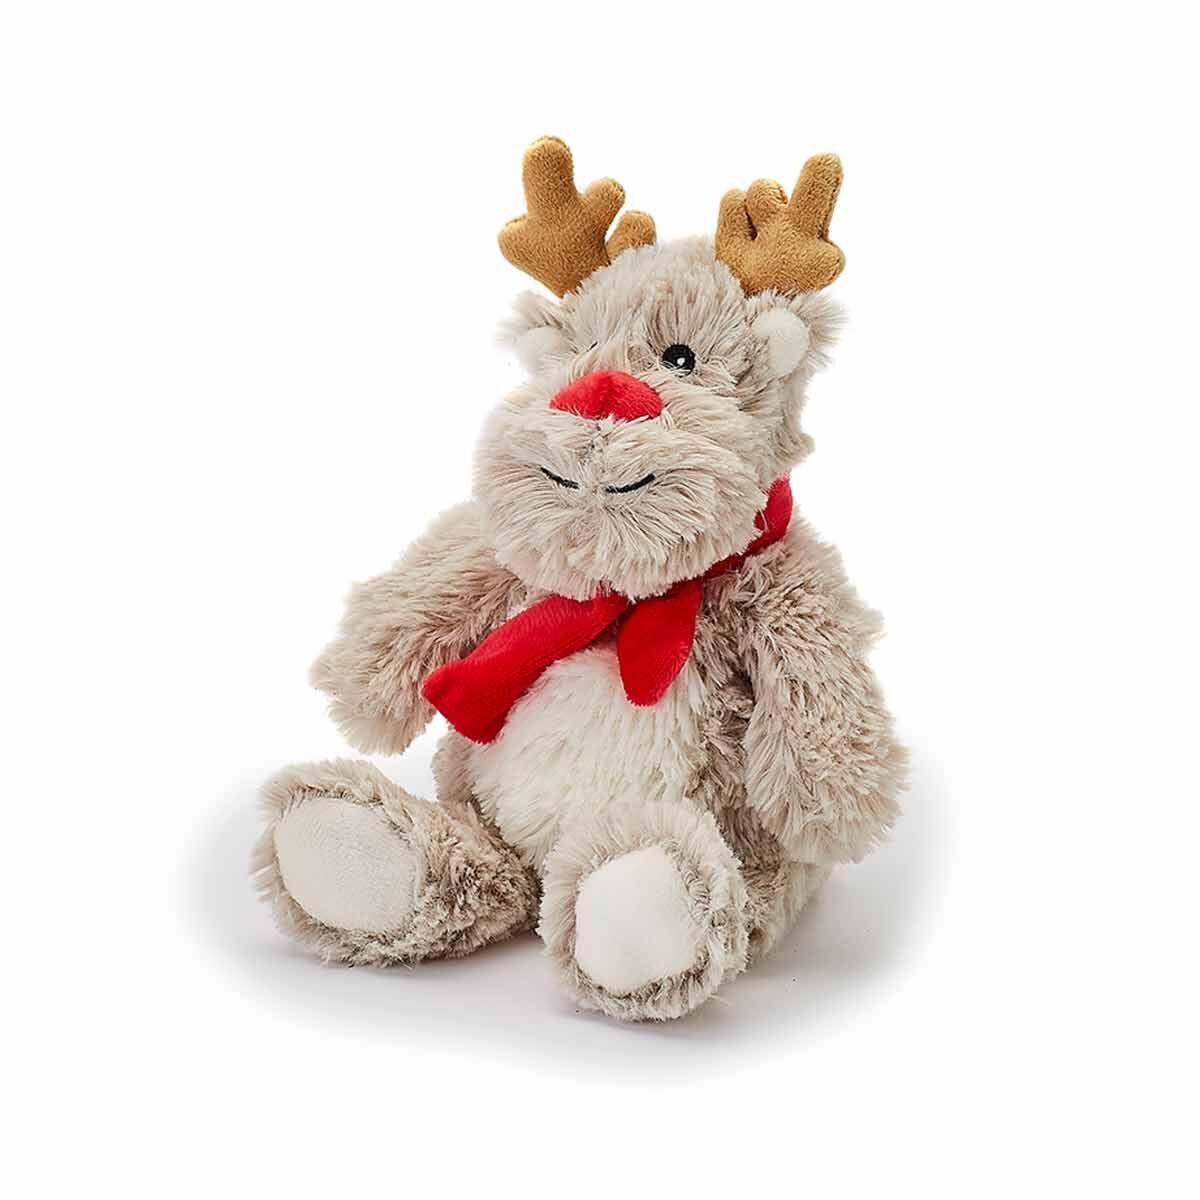 Warmies Mini Reindeer Microwaveable Toy